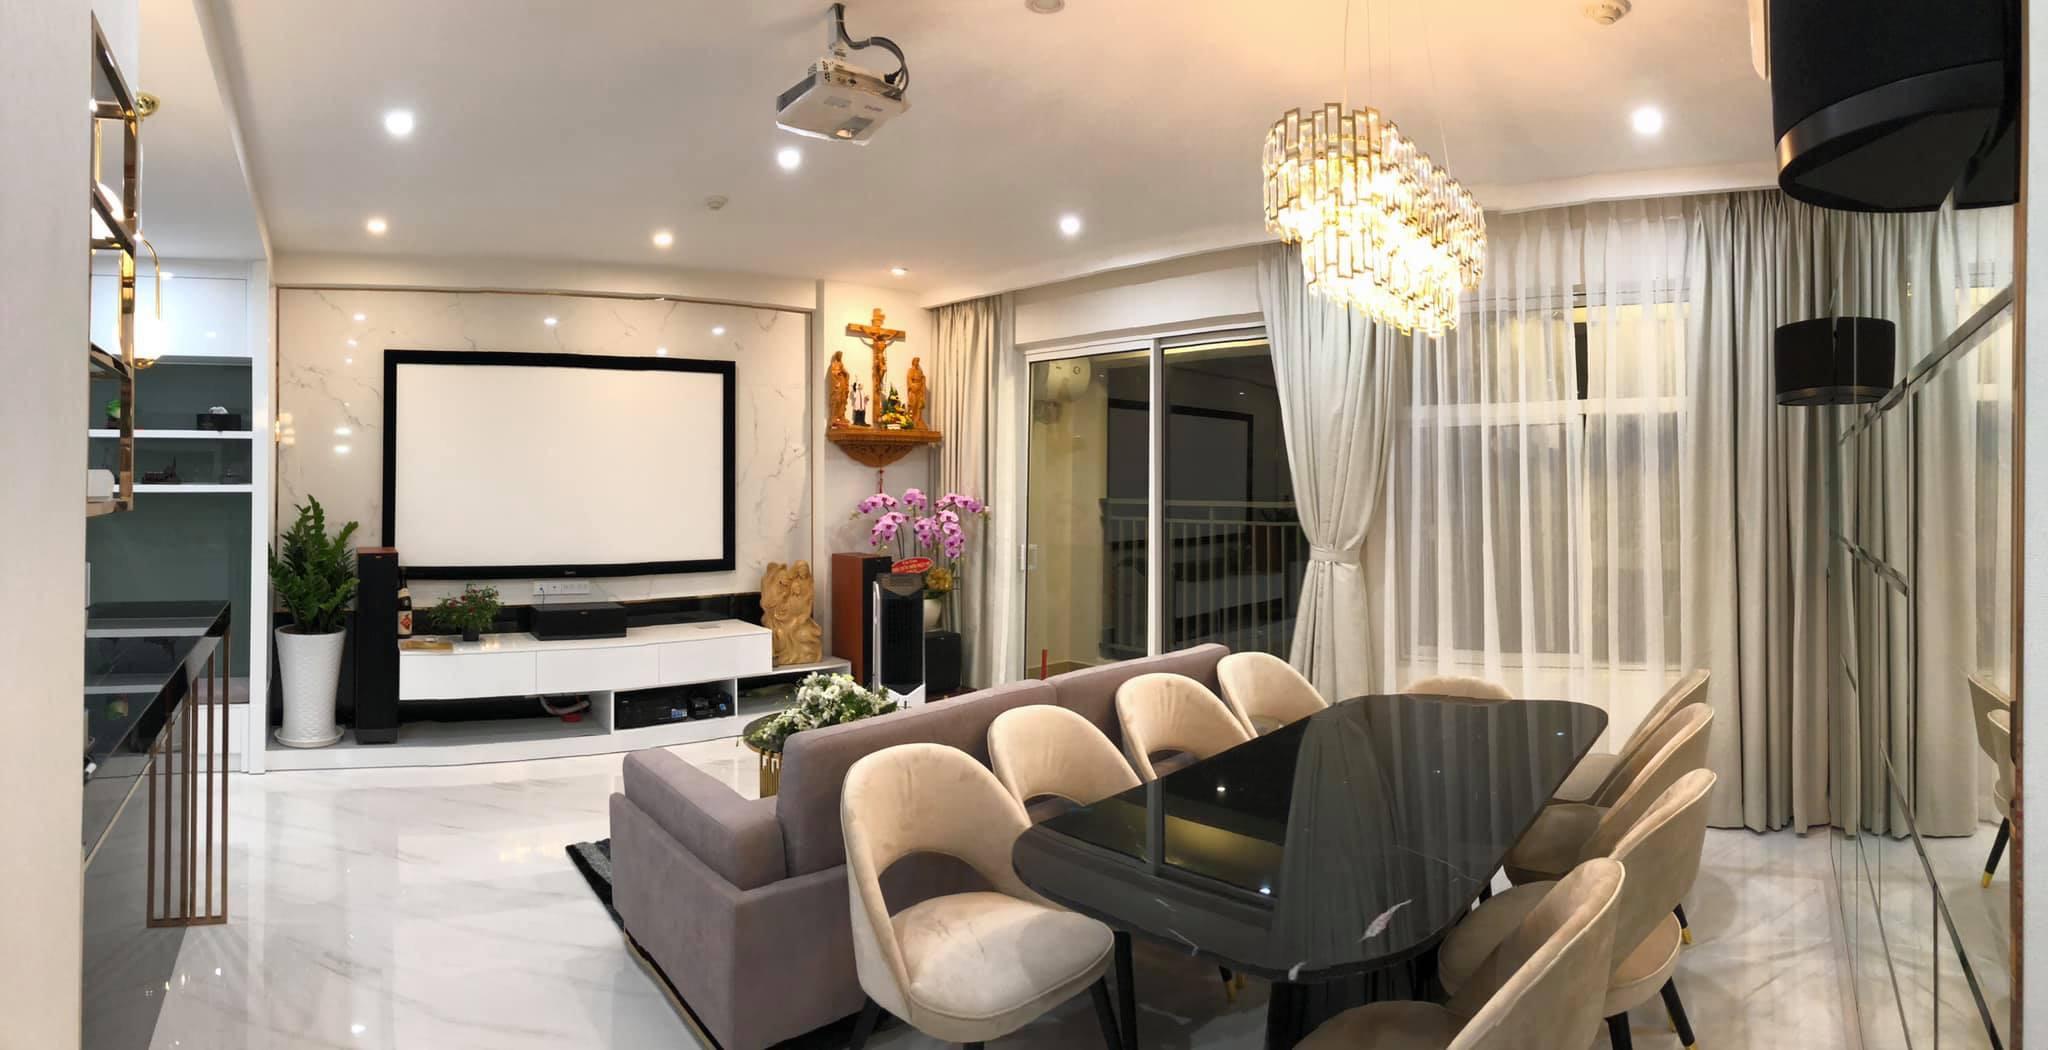 thiết kế nội thất chung cư tại Hồ Chí Minh Căn hộ 0 1563261238